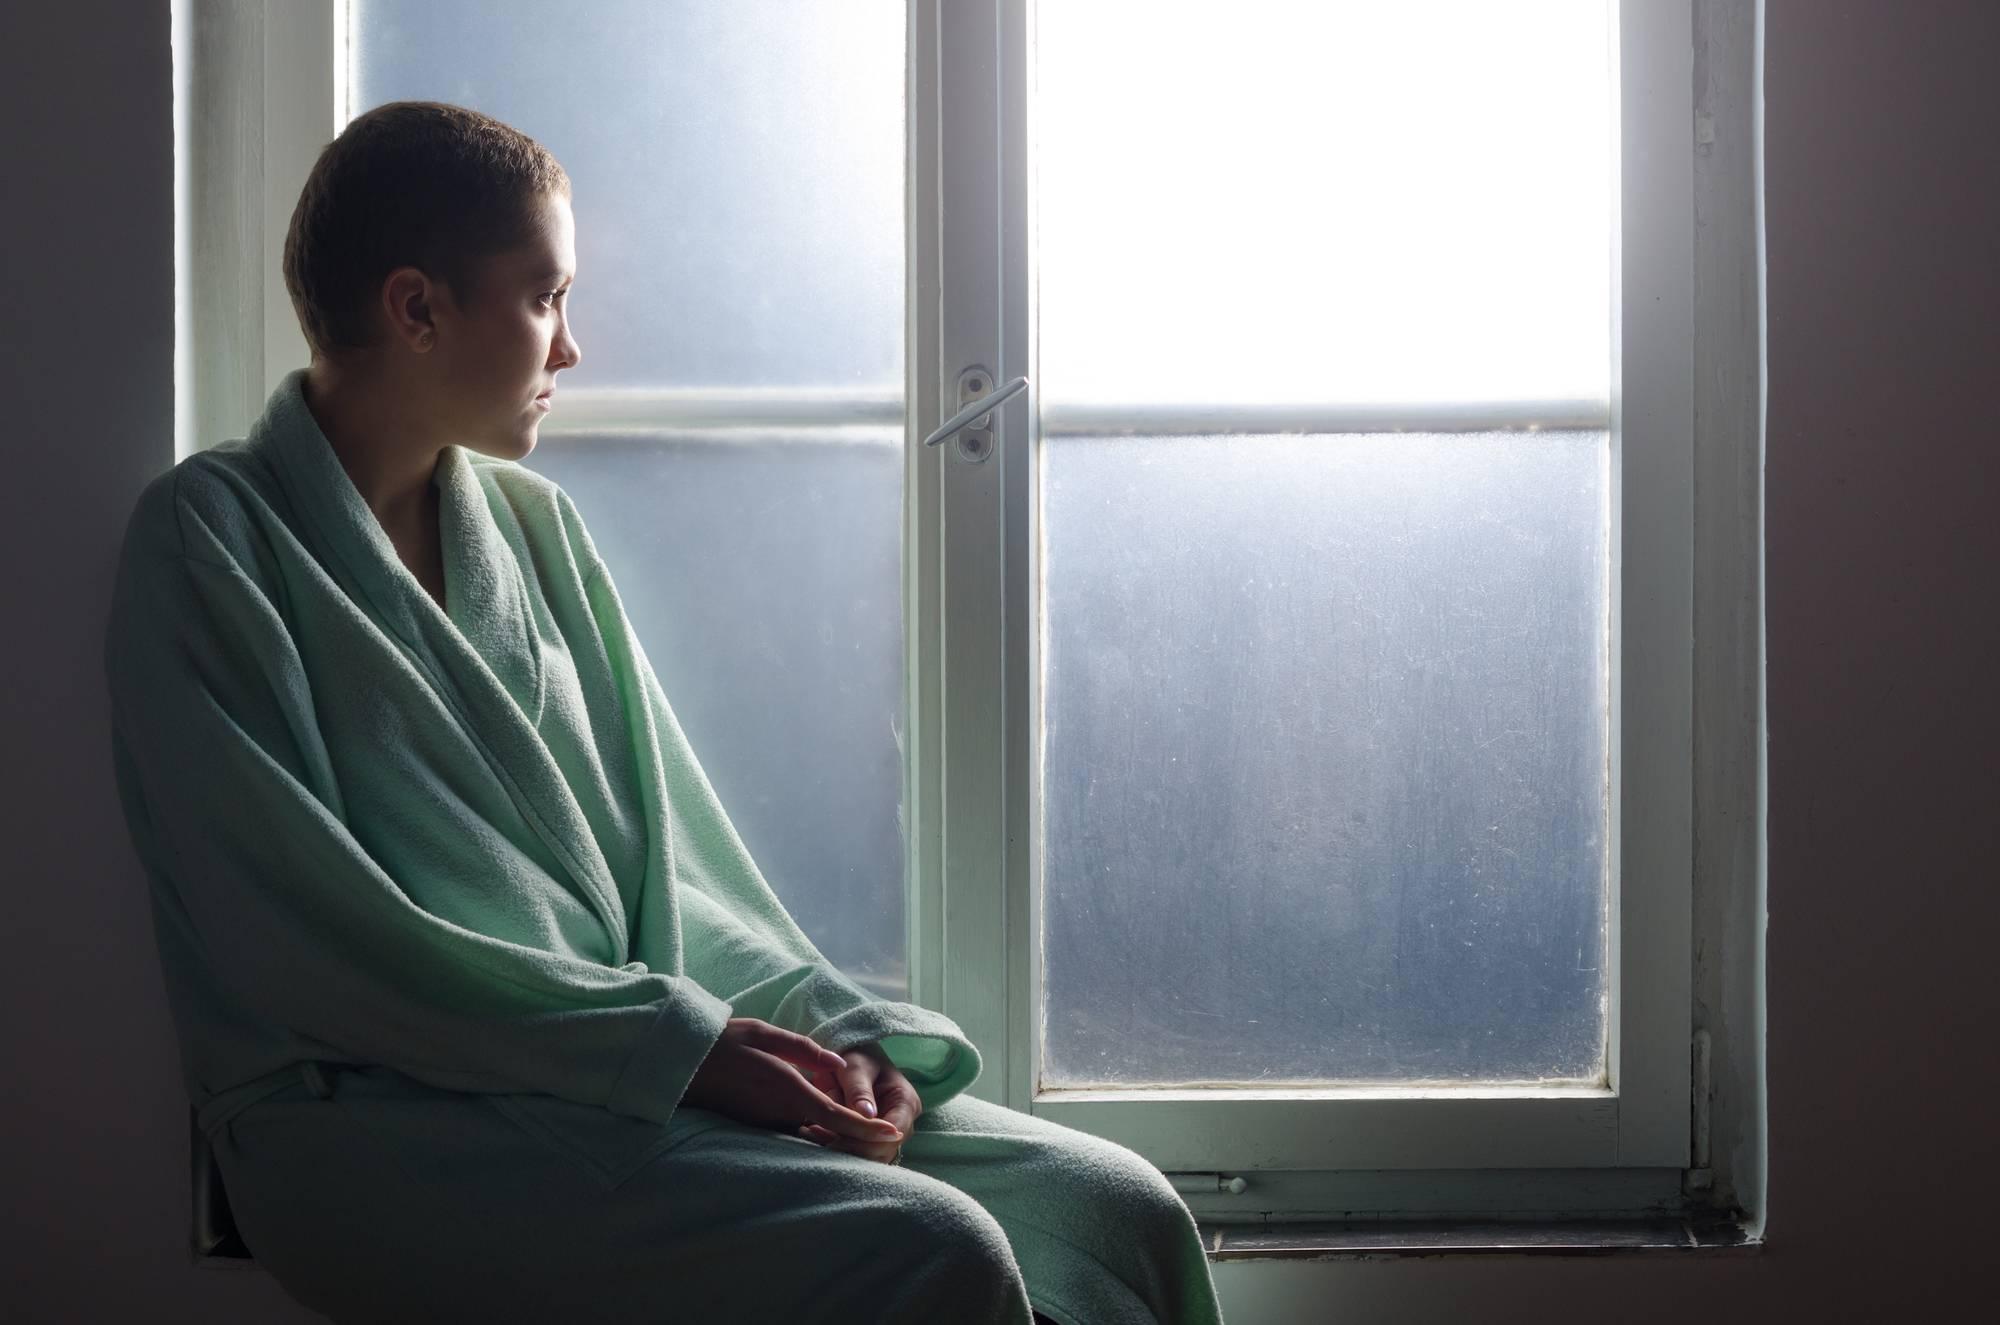 Канцерофобия: что это такое и как избавиться